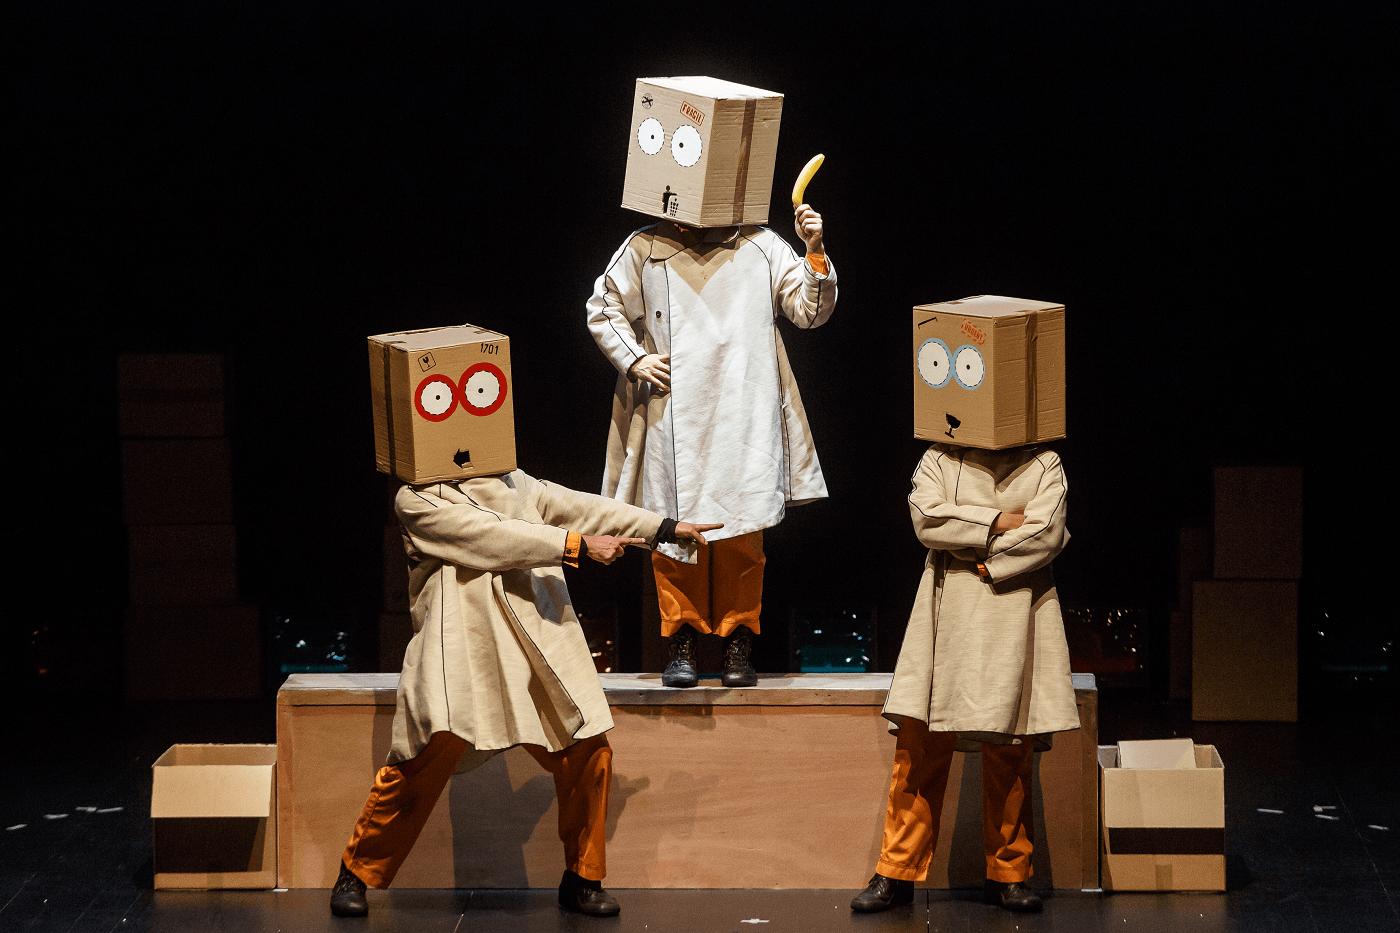 Três atores  da peça de teatro Frágil estão em cena com caixas de cartão sobre a cabeça.